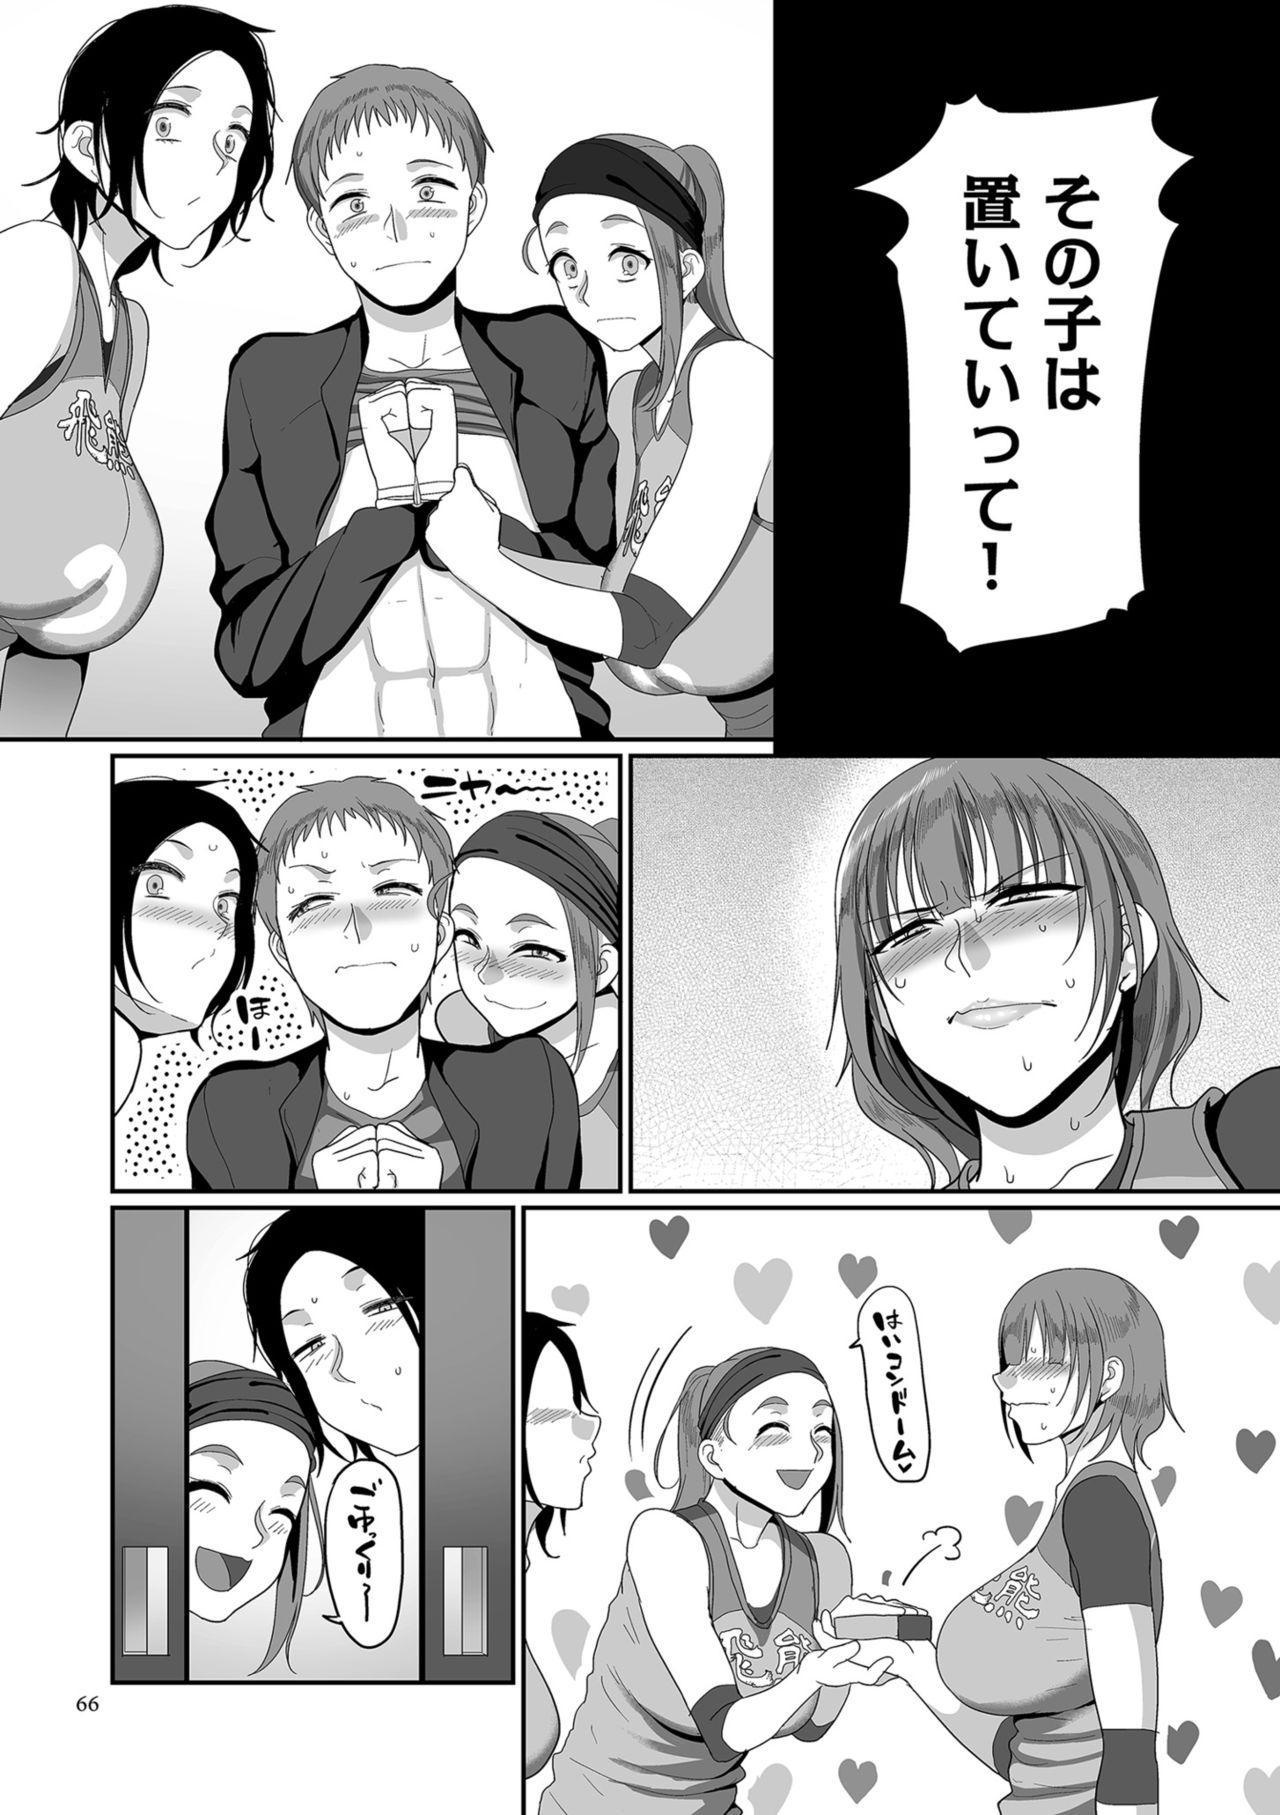 [Yamamoto Zenzen] S-ken K-shi Shakaijin Joshi Volleyball Circle no Jijou [Digital] 65